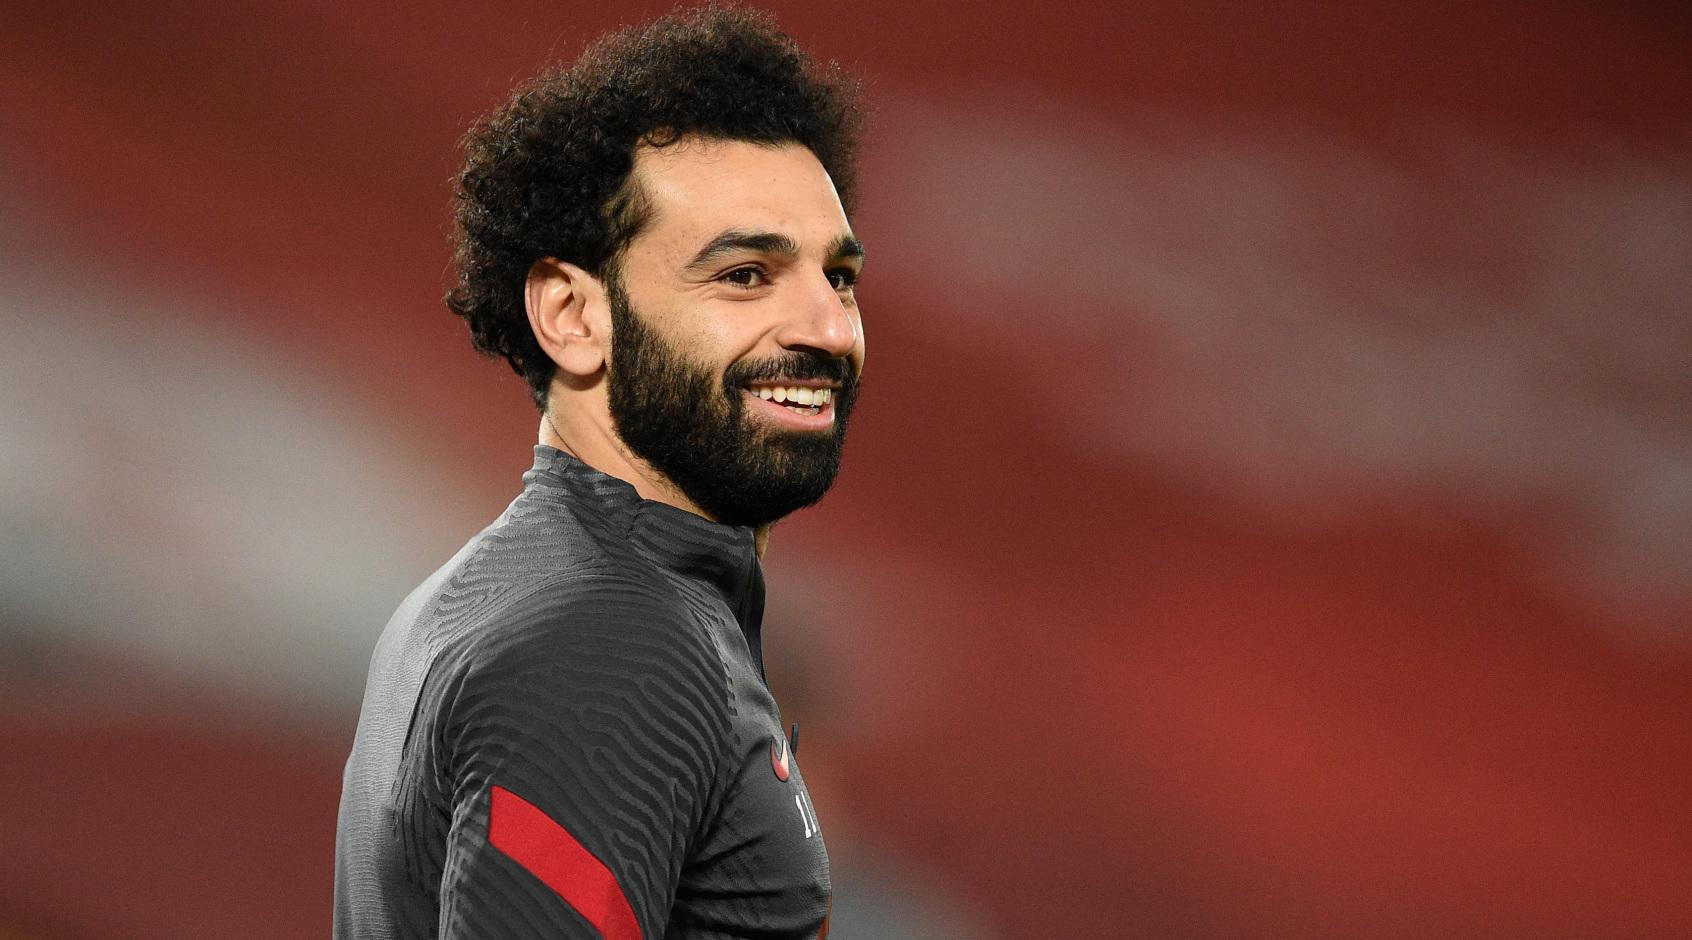 Мохамед Салах - лучший игрок АПЛ по версии болельщиков